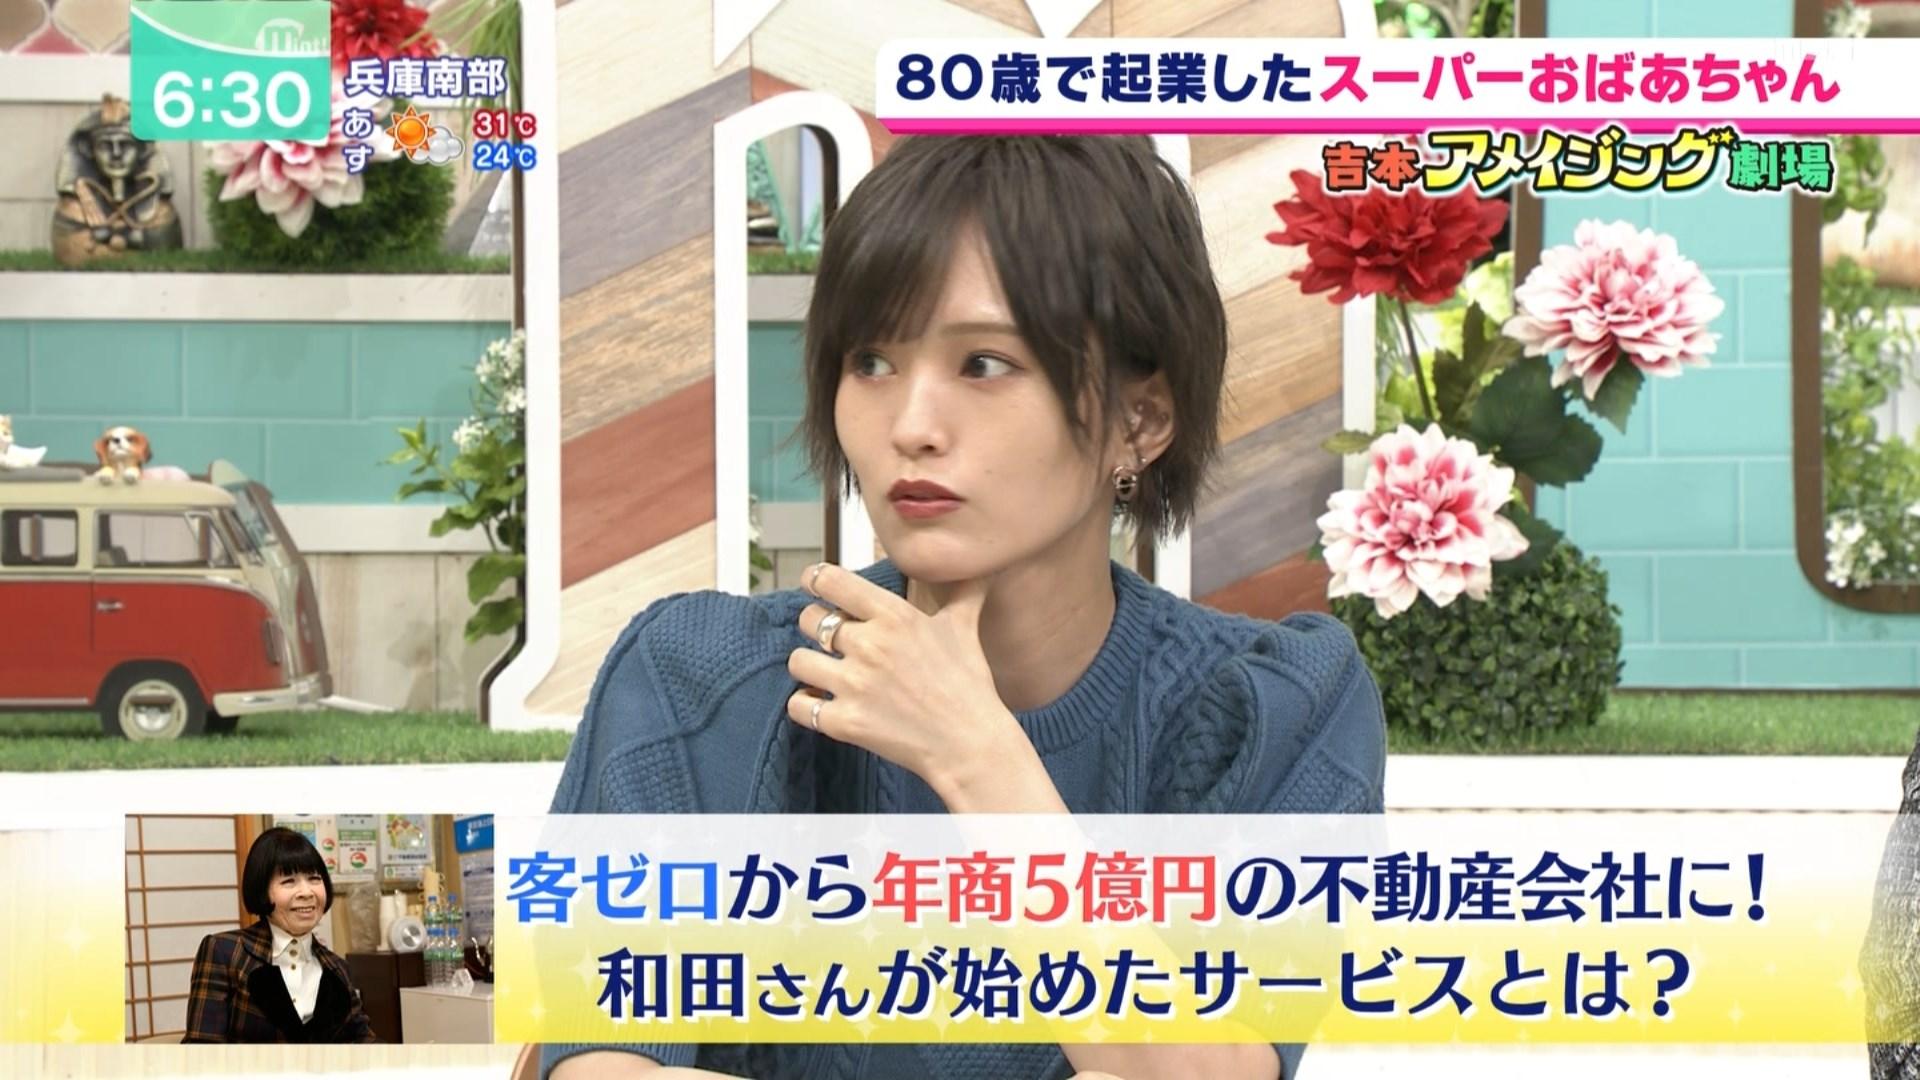 【山本彩】さや姉出演9月13日「ミント!」の画像など。NMB48劇場にも久しぶりに。